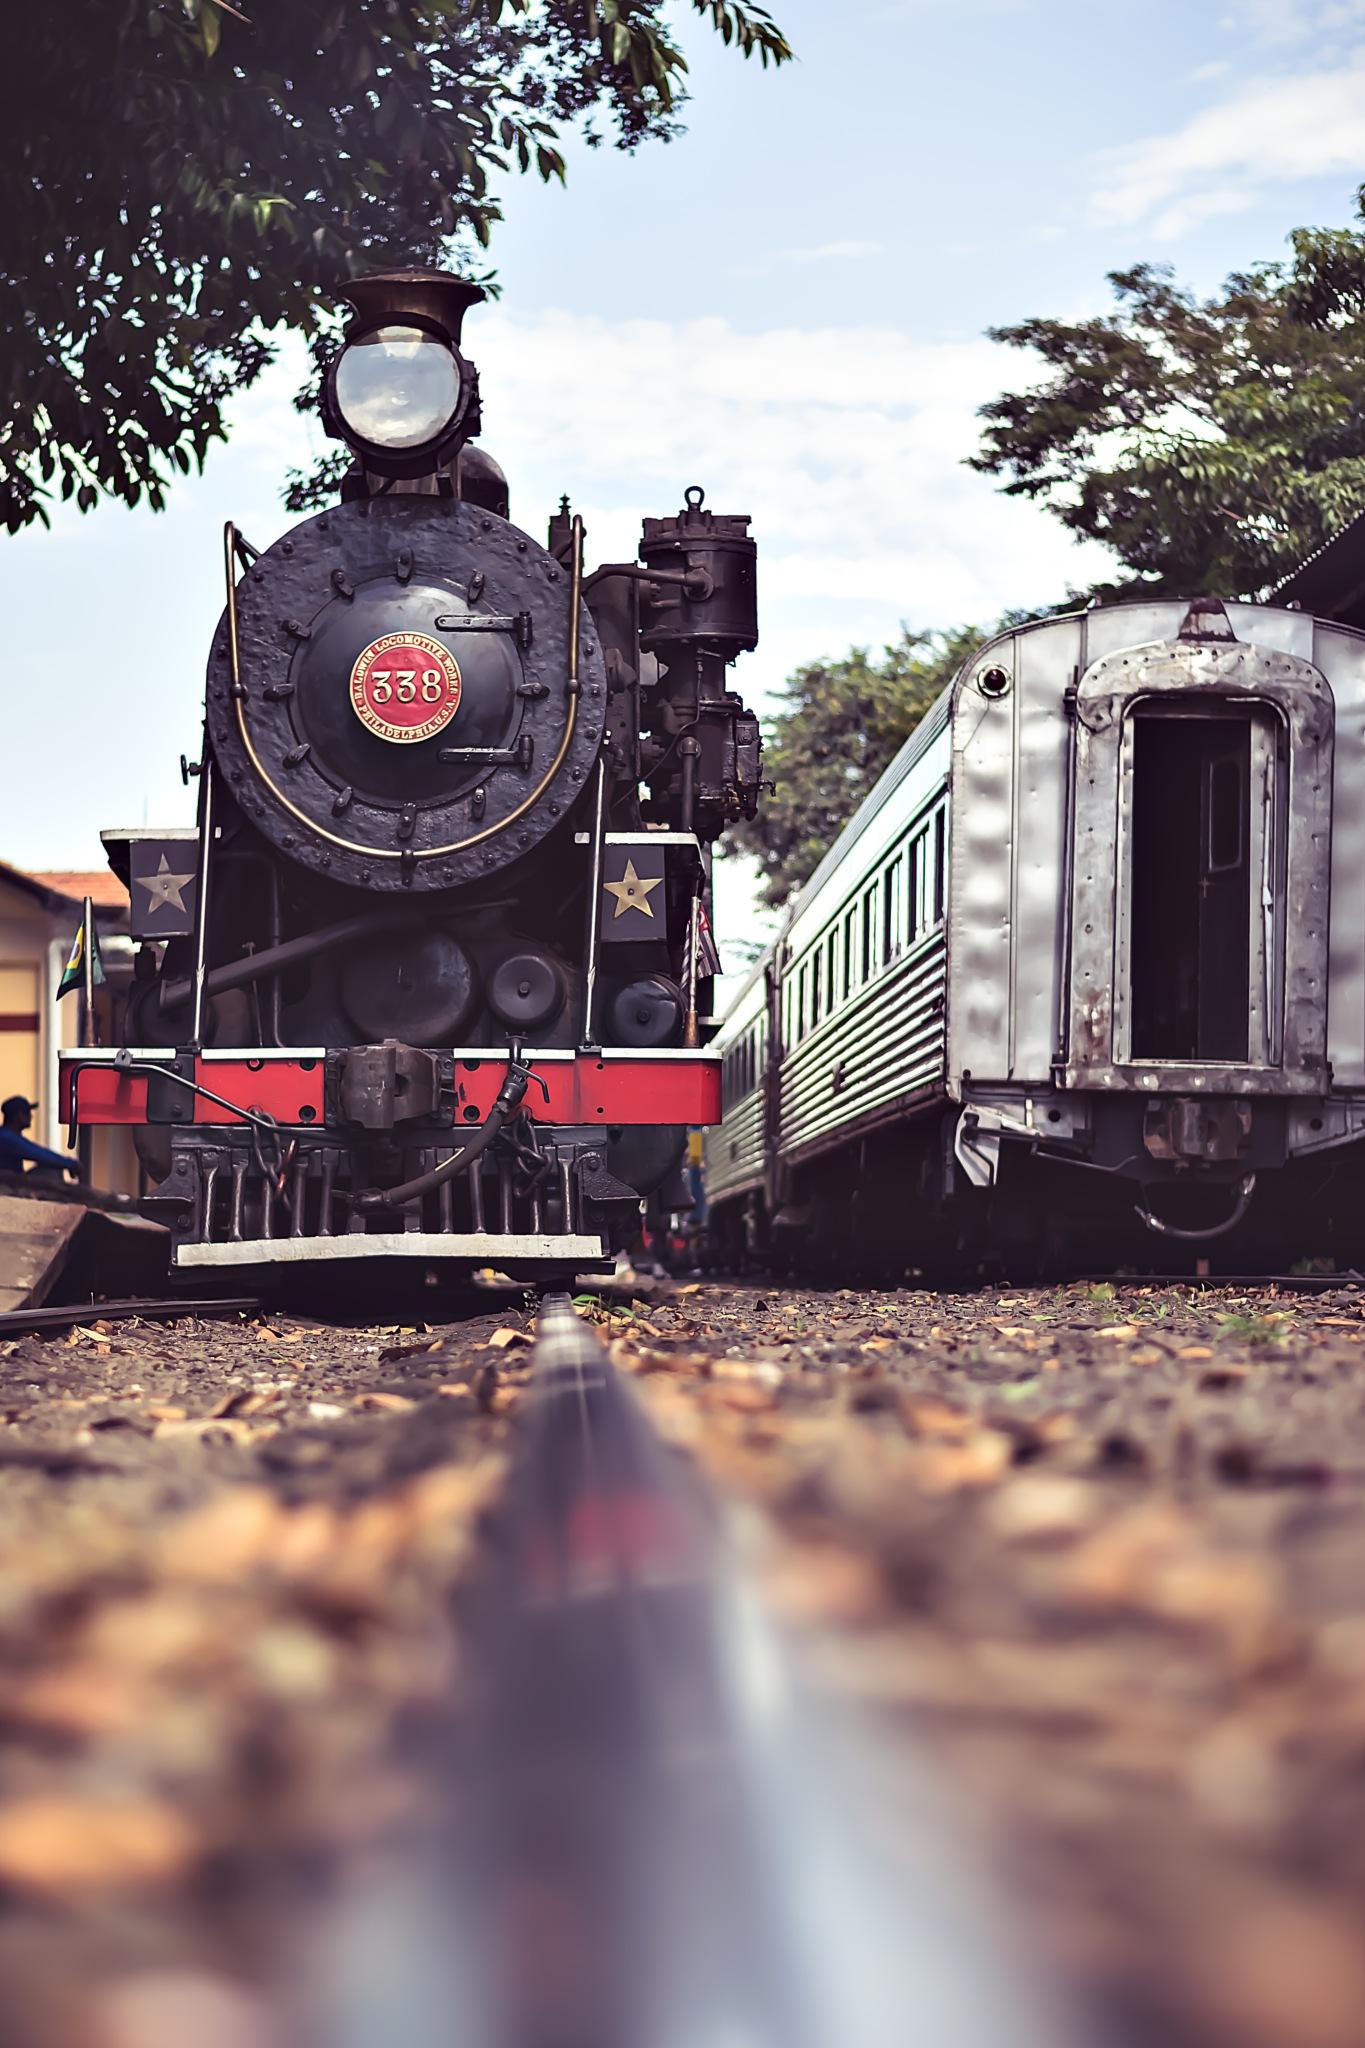 Trem na estação by Sandro Assis